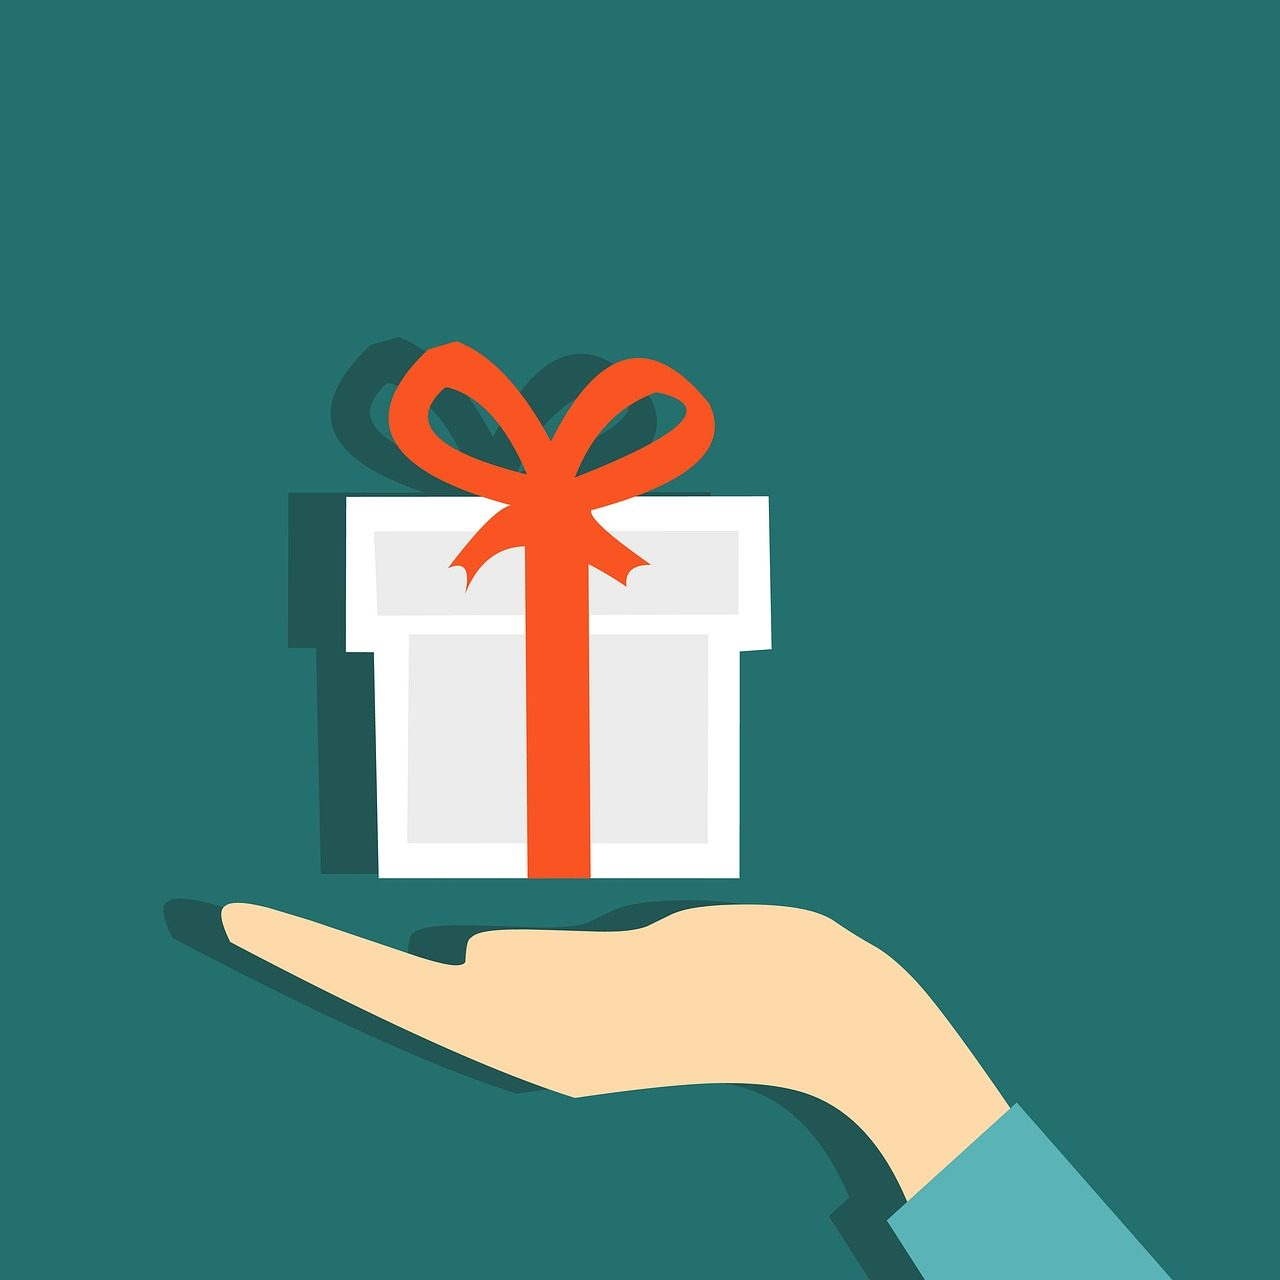 gift-2960891_1280-1280x1280.jpg